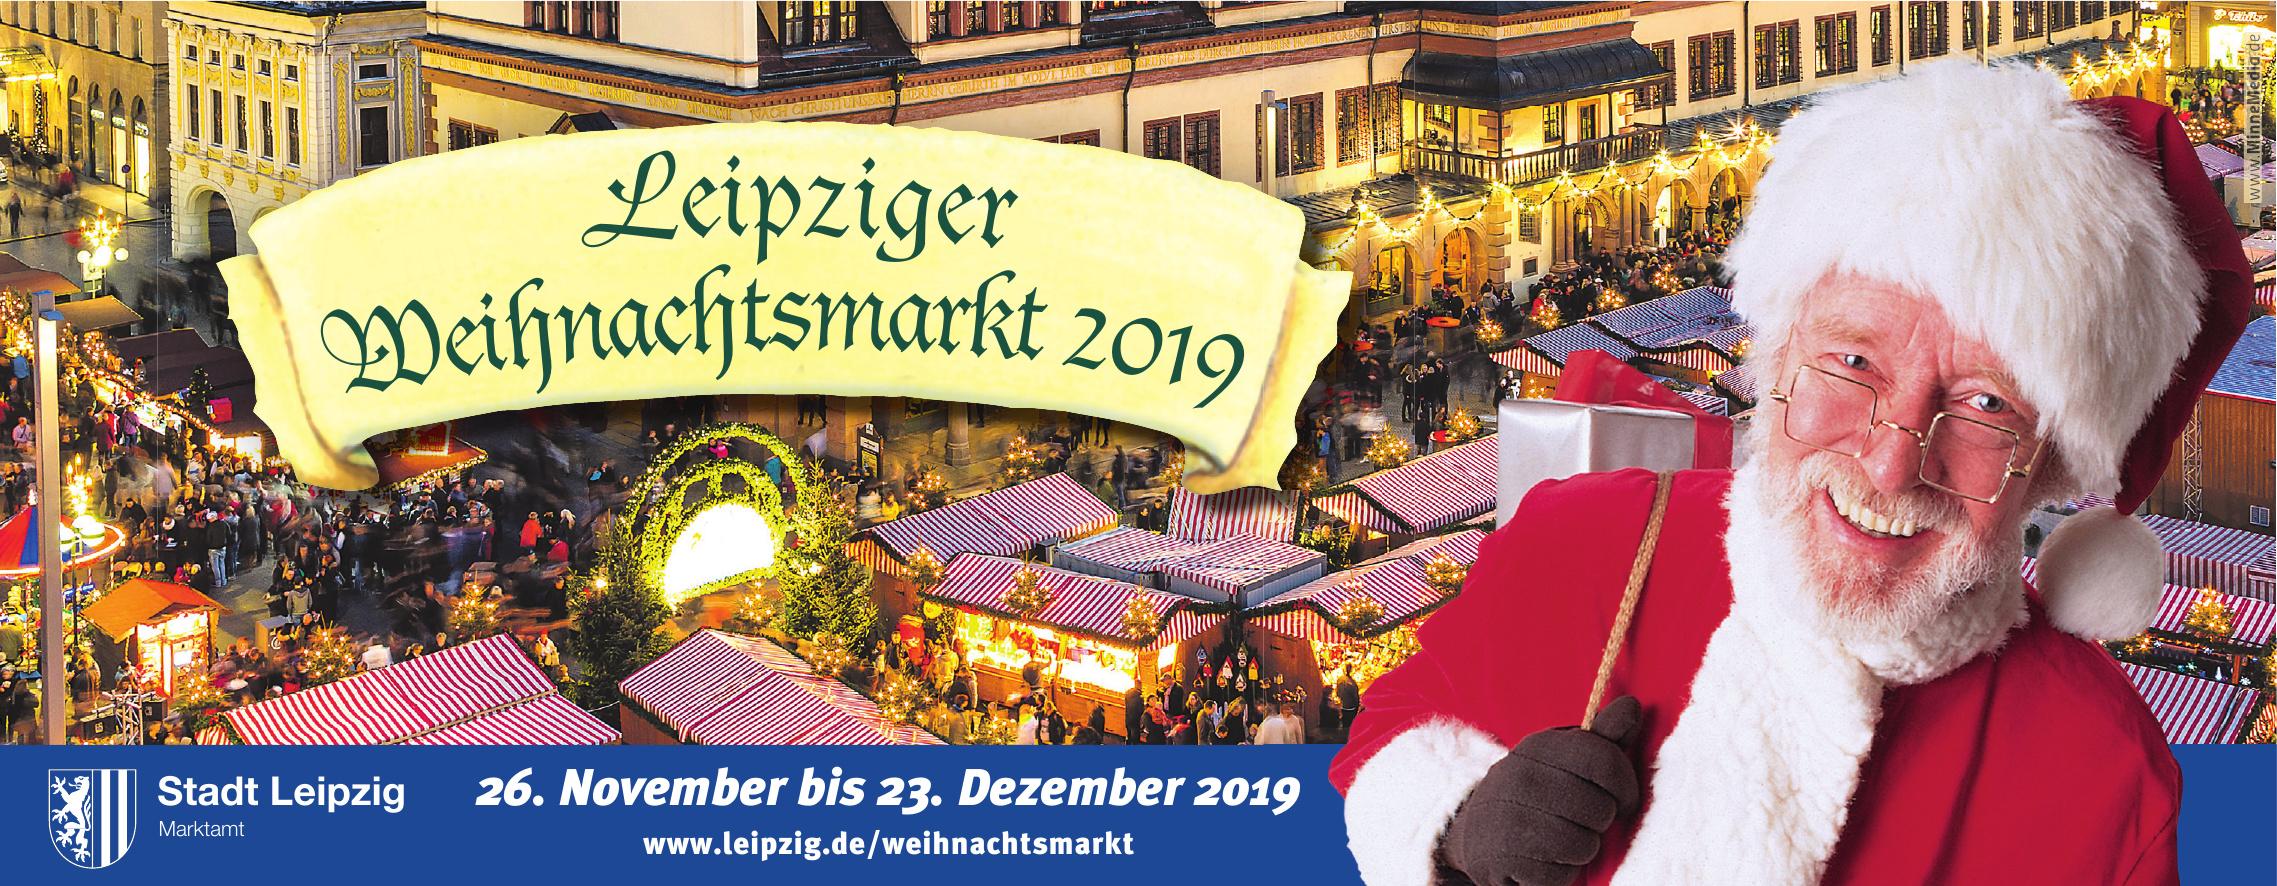 Leipziger Weihnachtsmarkt 2019